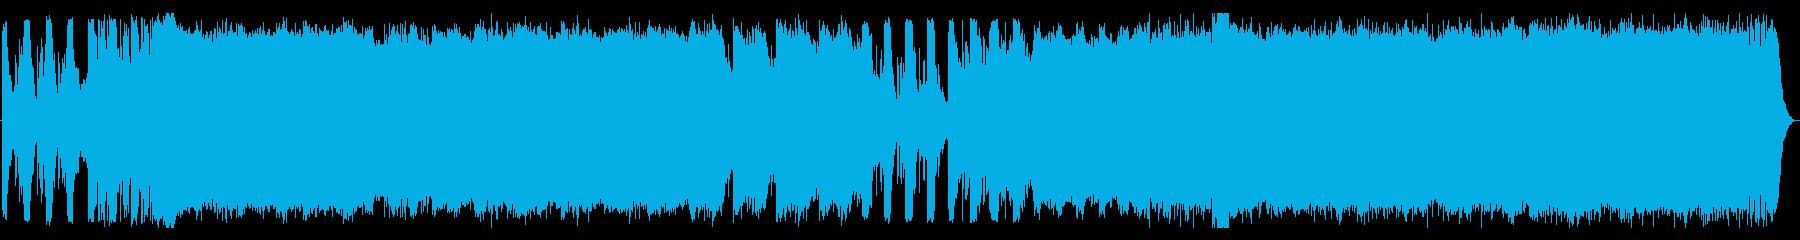 幻想とわびさびを感じさせる曲の再生済みの波形